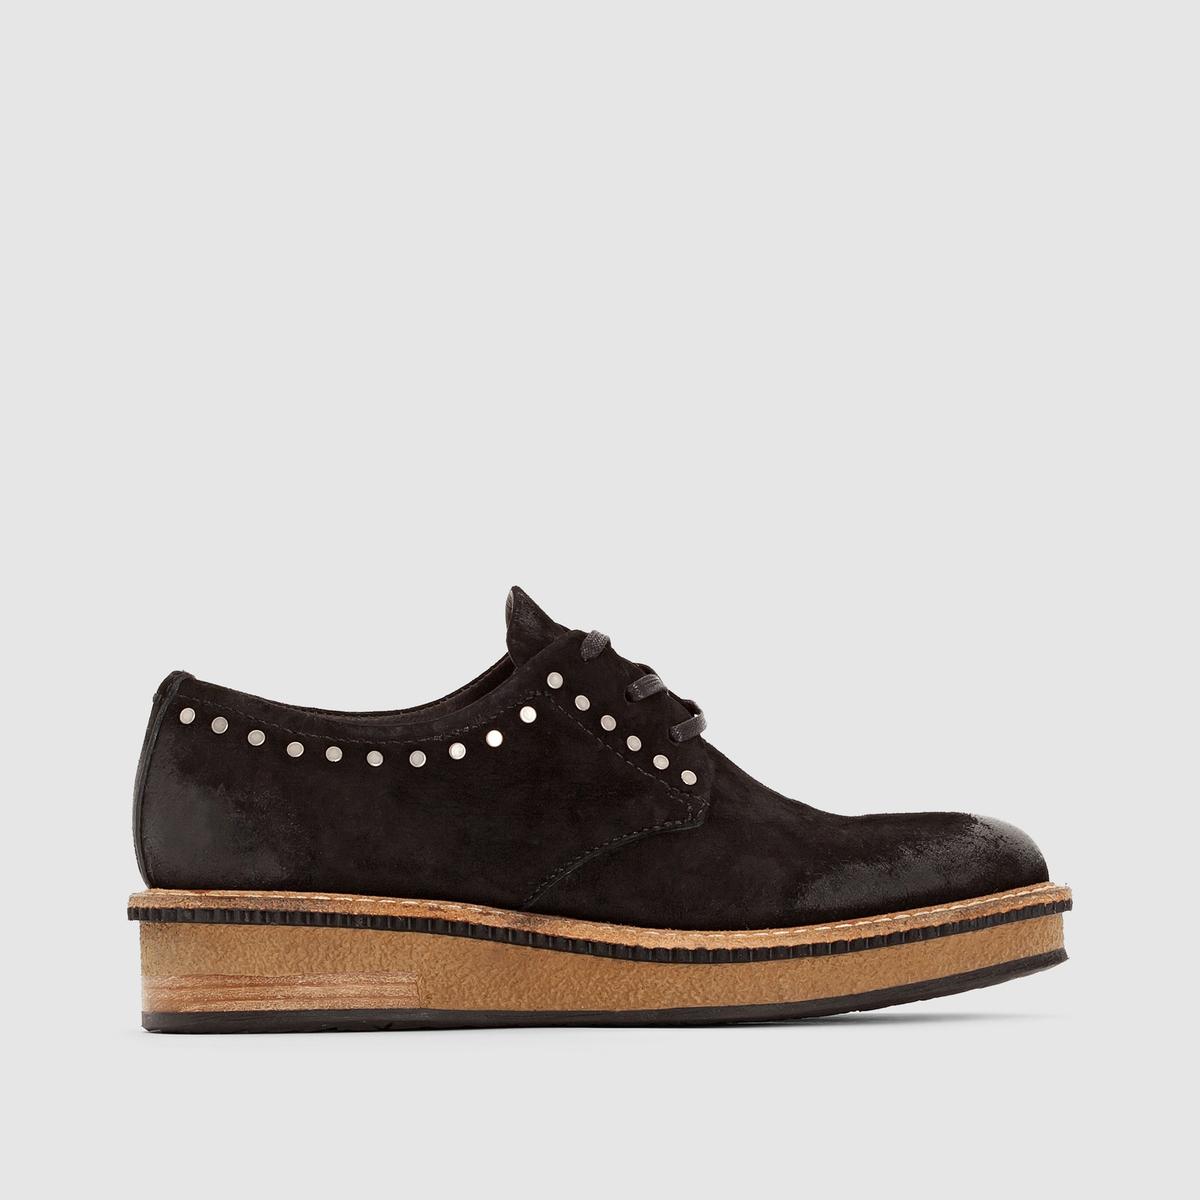 Ботинки-дерби кожаные MJUS CAVIARПреимущества : ботинки-дерби MJUS на танкетке, оригинальные заклепки.<br><br>Цвет: черный<br>Размер: 41.37